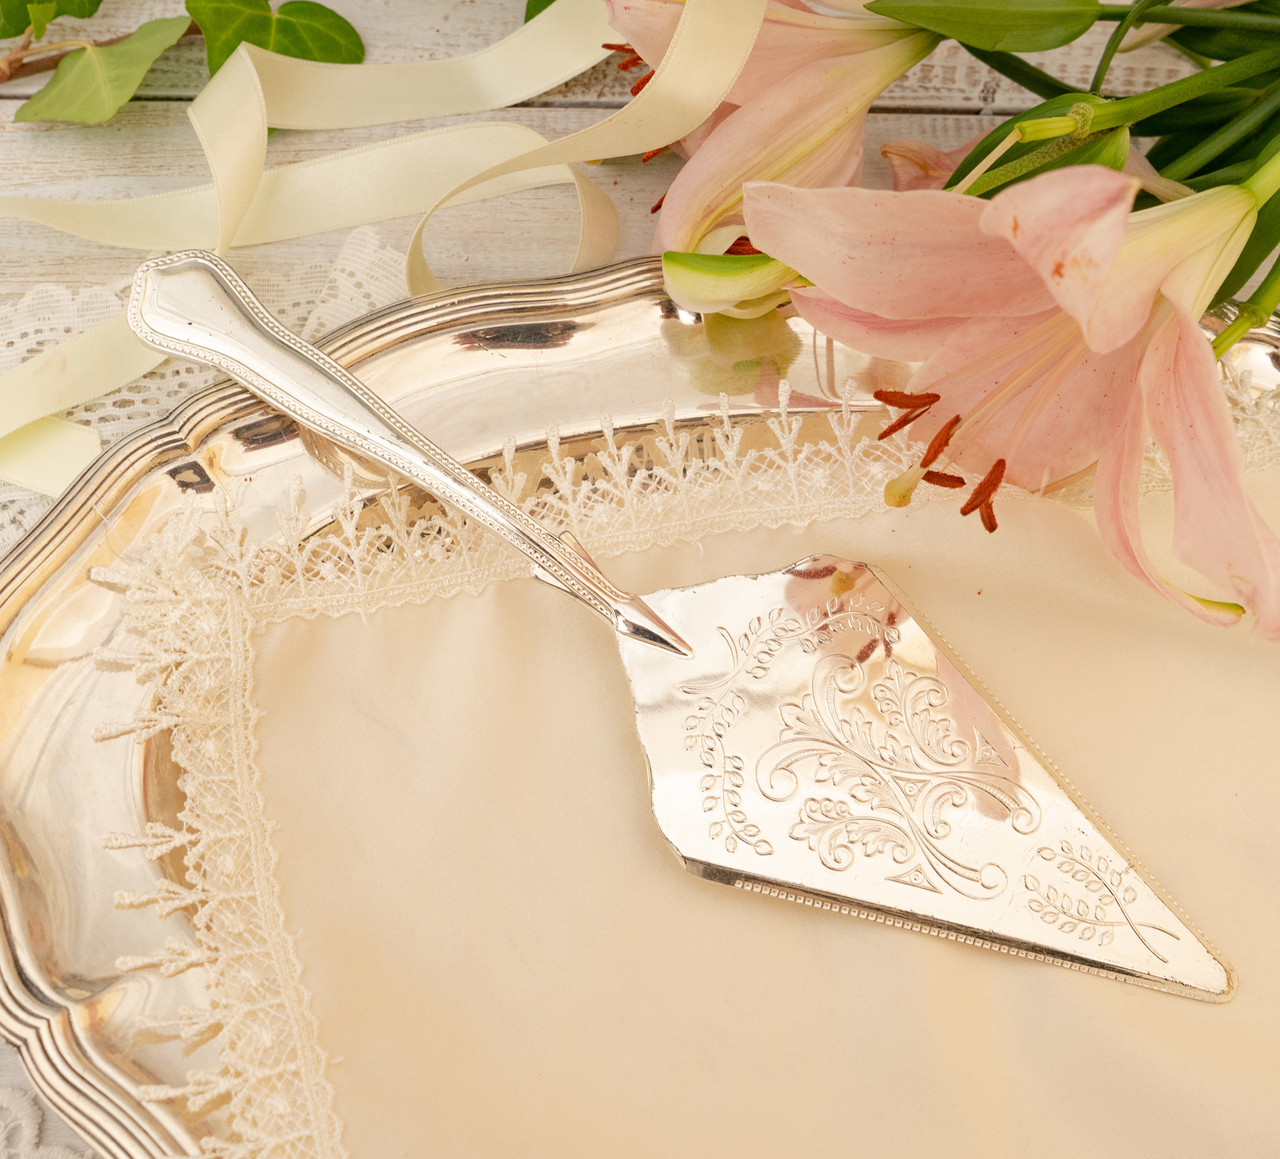 Красива посріблена лопатка для торта або десертів, для сервірування десертного столу, мельхіор, Англія